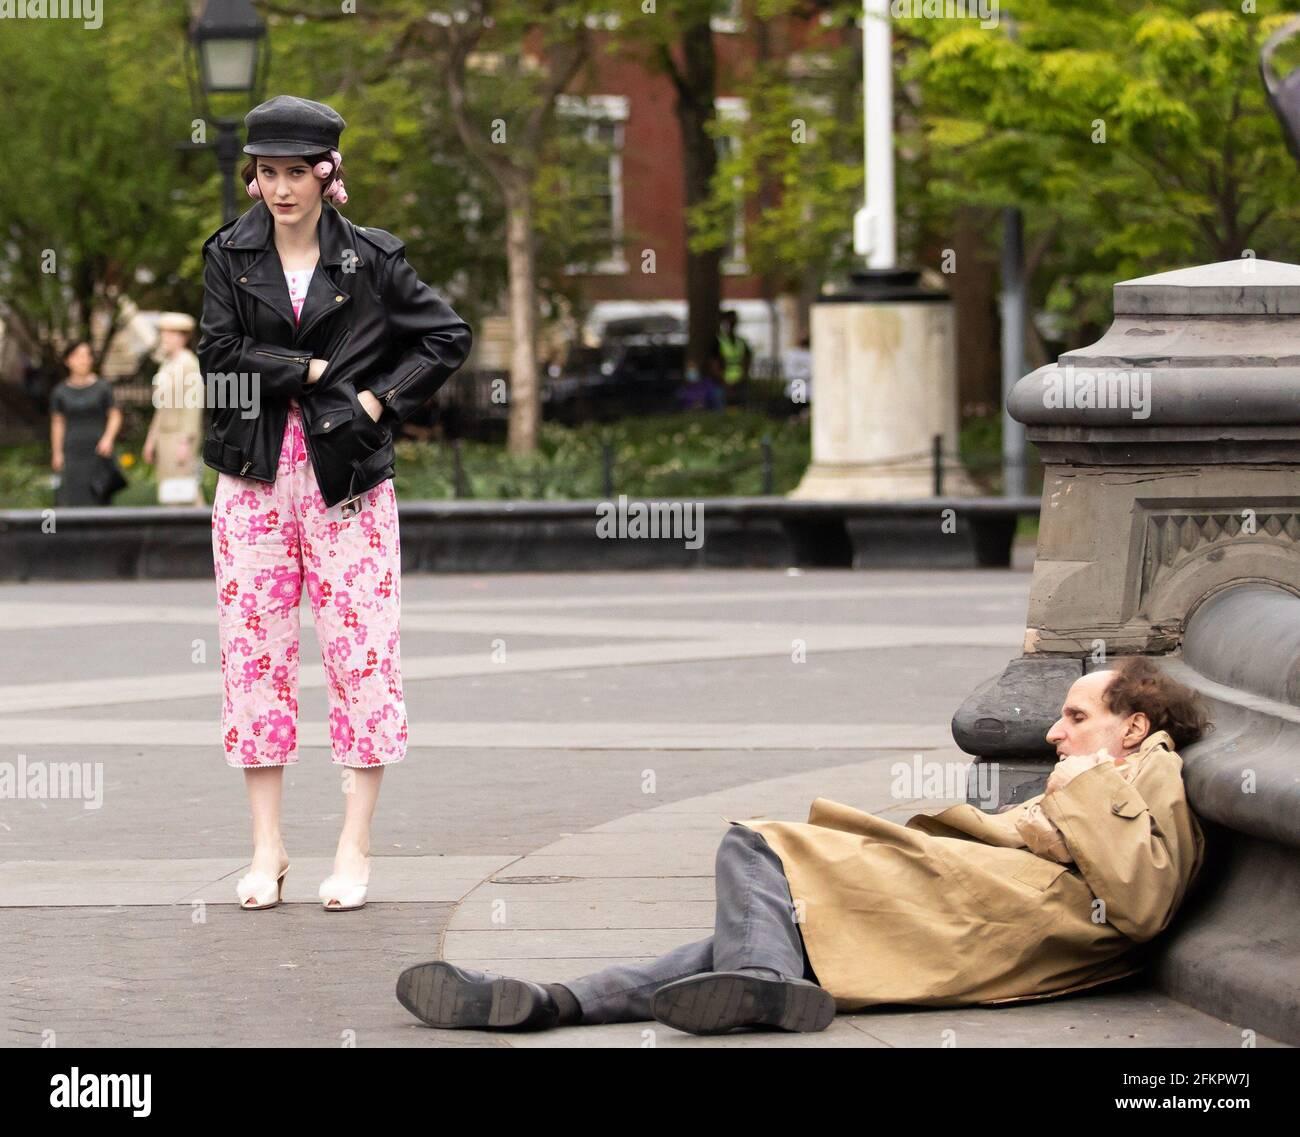 New York, NY, États-Unis. 29 avril 2021. Rachel Brosnahan pour LA MERVEILLEUSE MME. MAISEL tournage sur place, Washington Square Park, New York, NY 29 avril 2021. Crédit : RCF/Collection Everett/Alamy Live News Banque D'Images